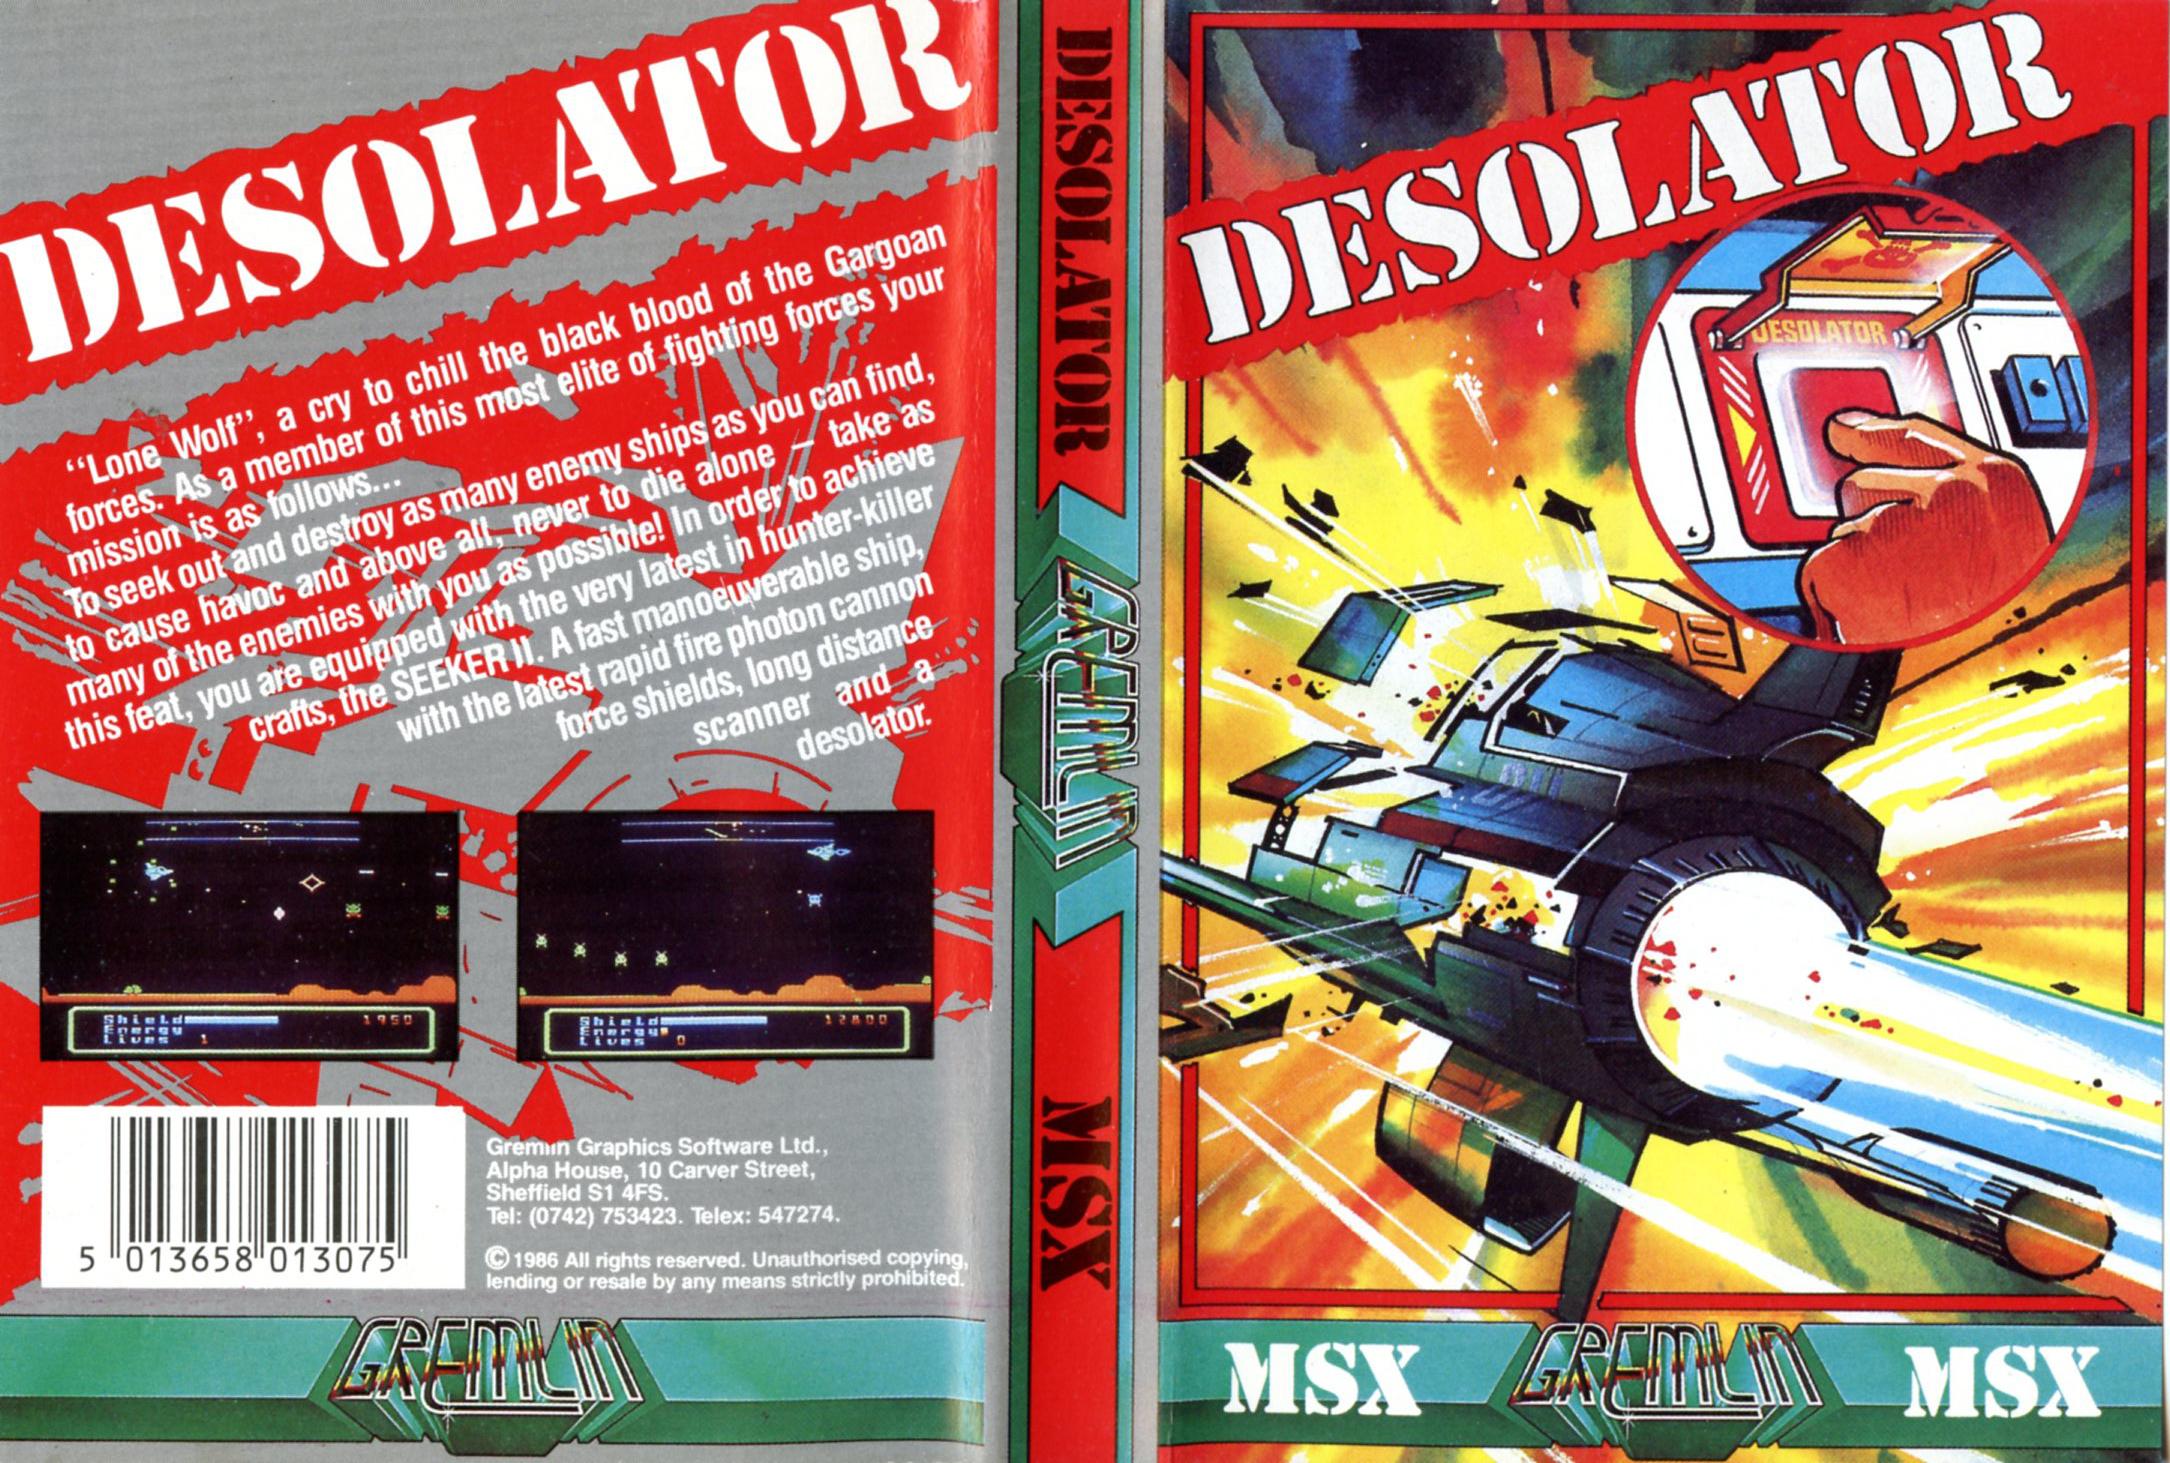 Desolator (MSX)